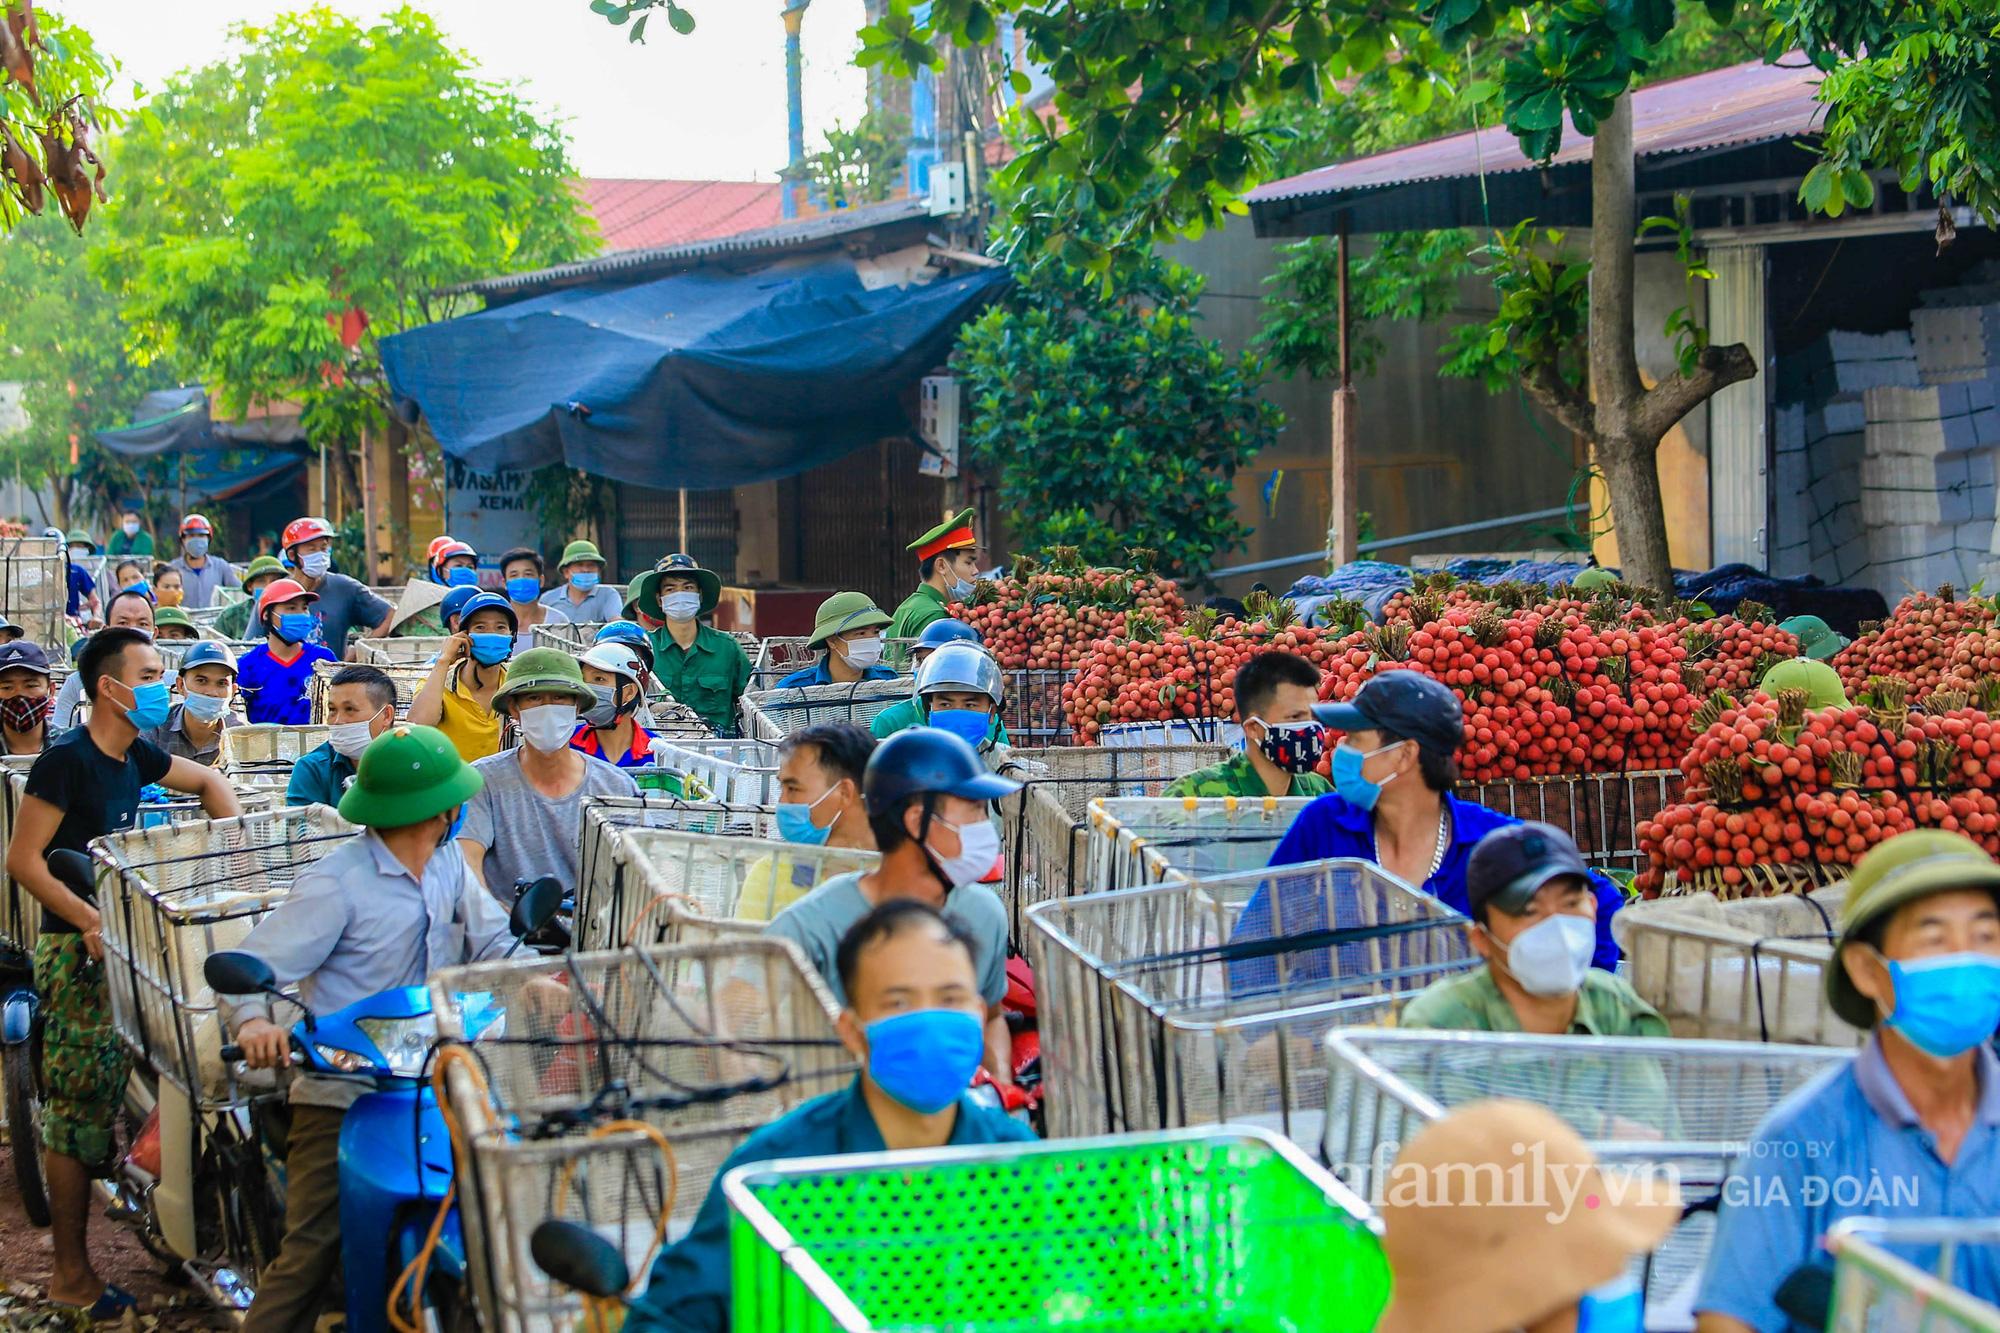 Chợ vải Bắc Giang nhộn nhịp vào mùa - Ảnh 6.